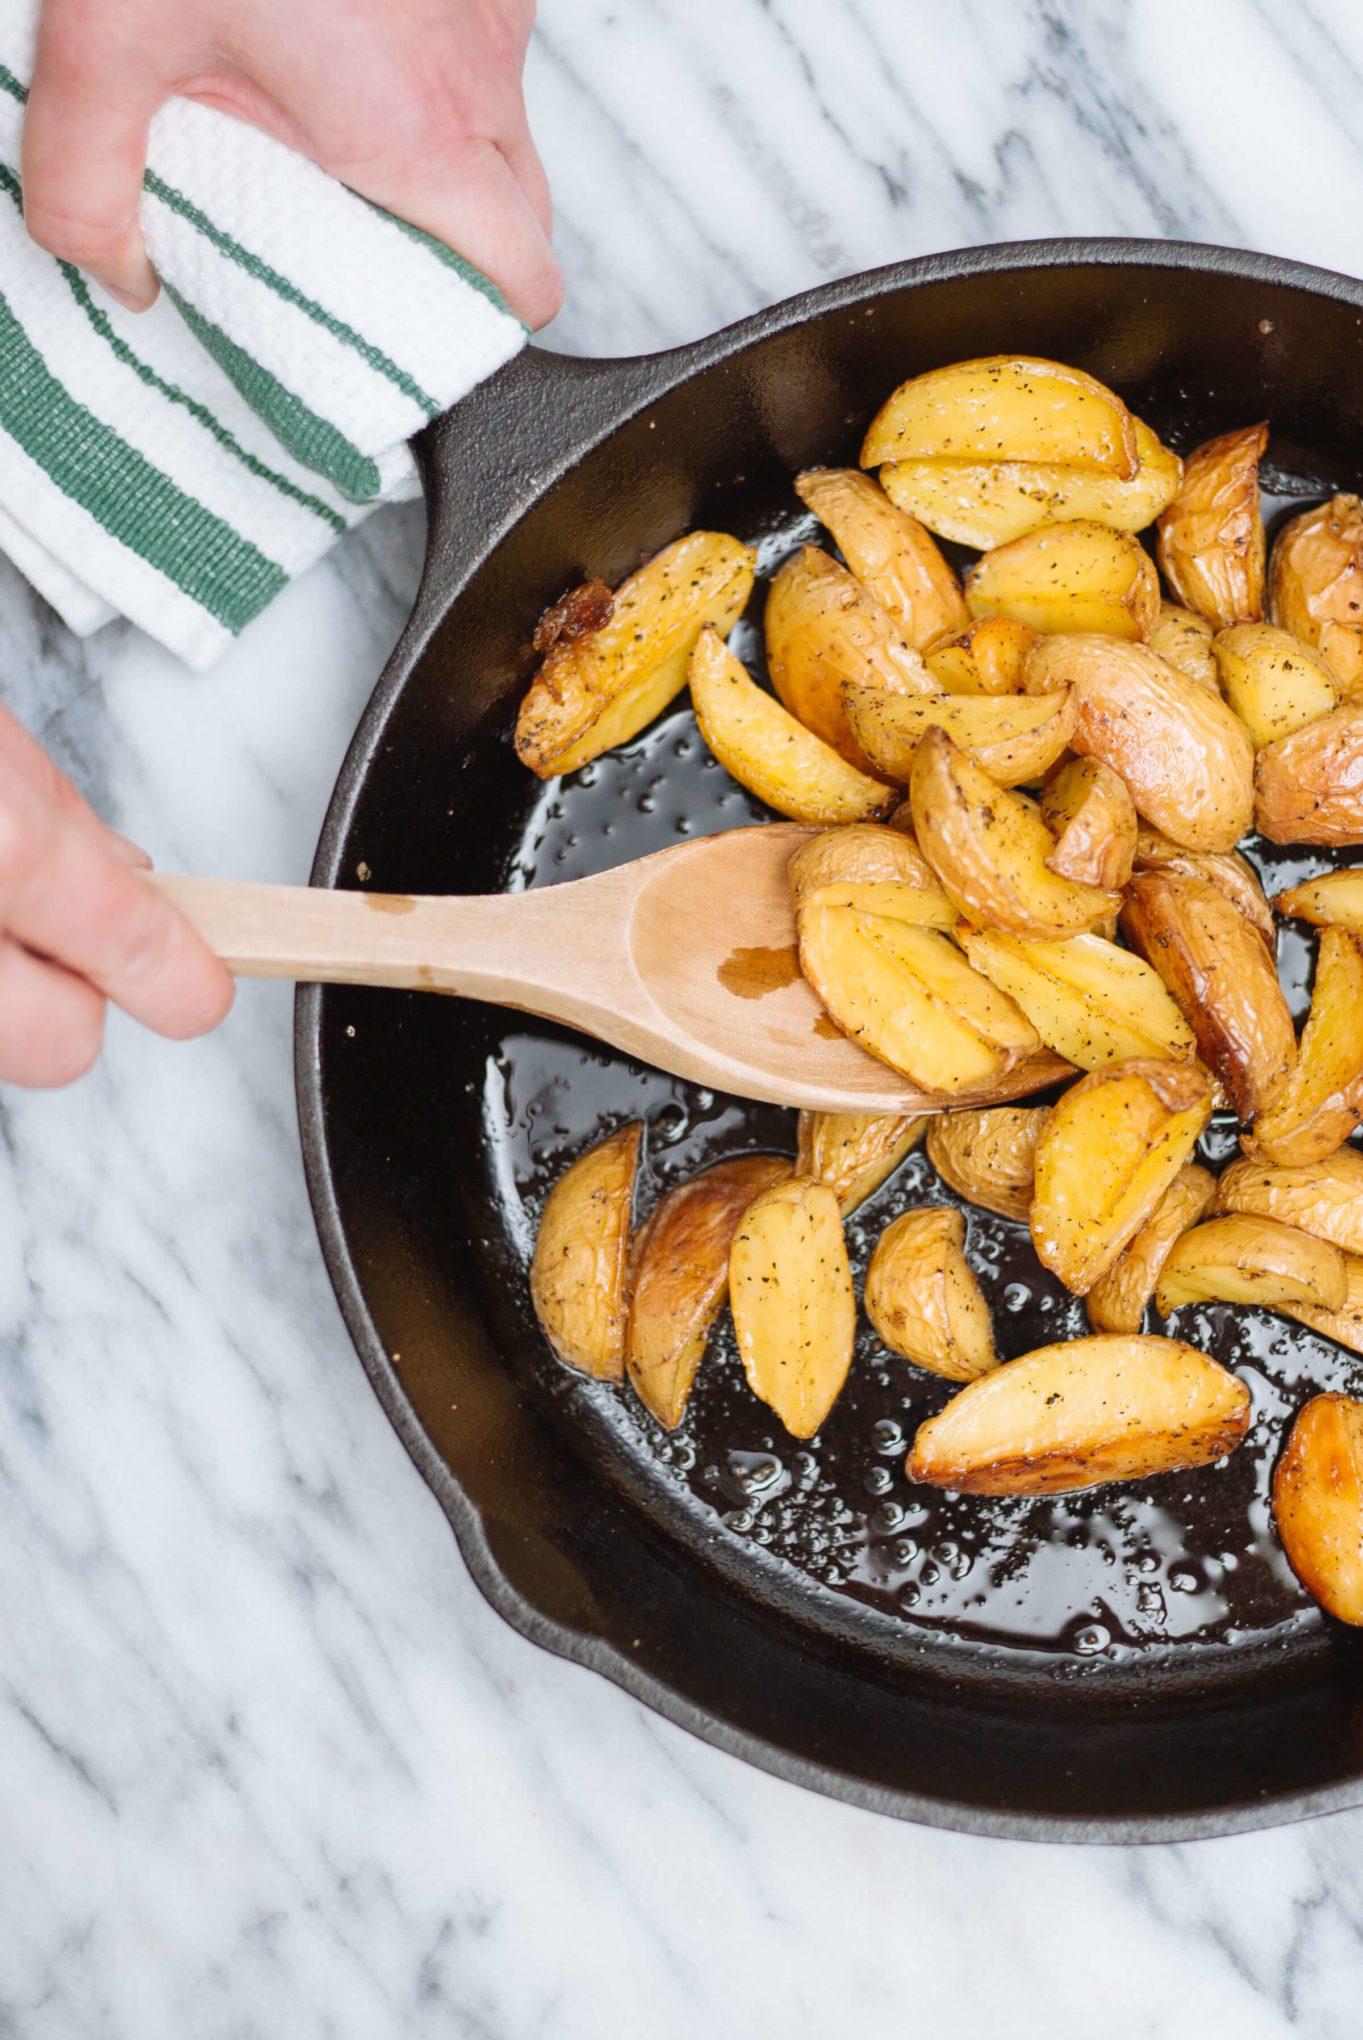 The Taste Edit likes to make cast-iron skillet roasted potatoes